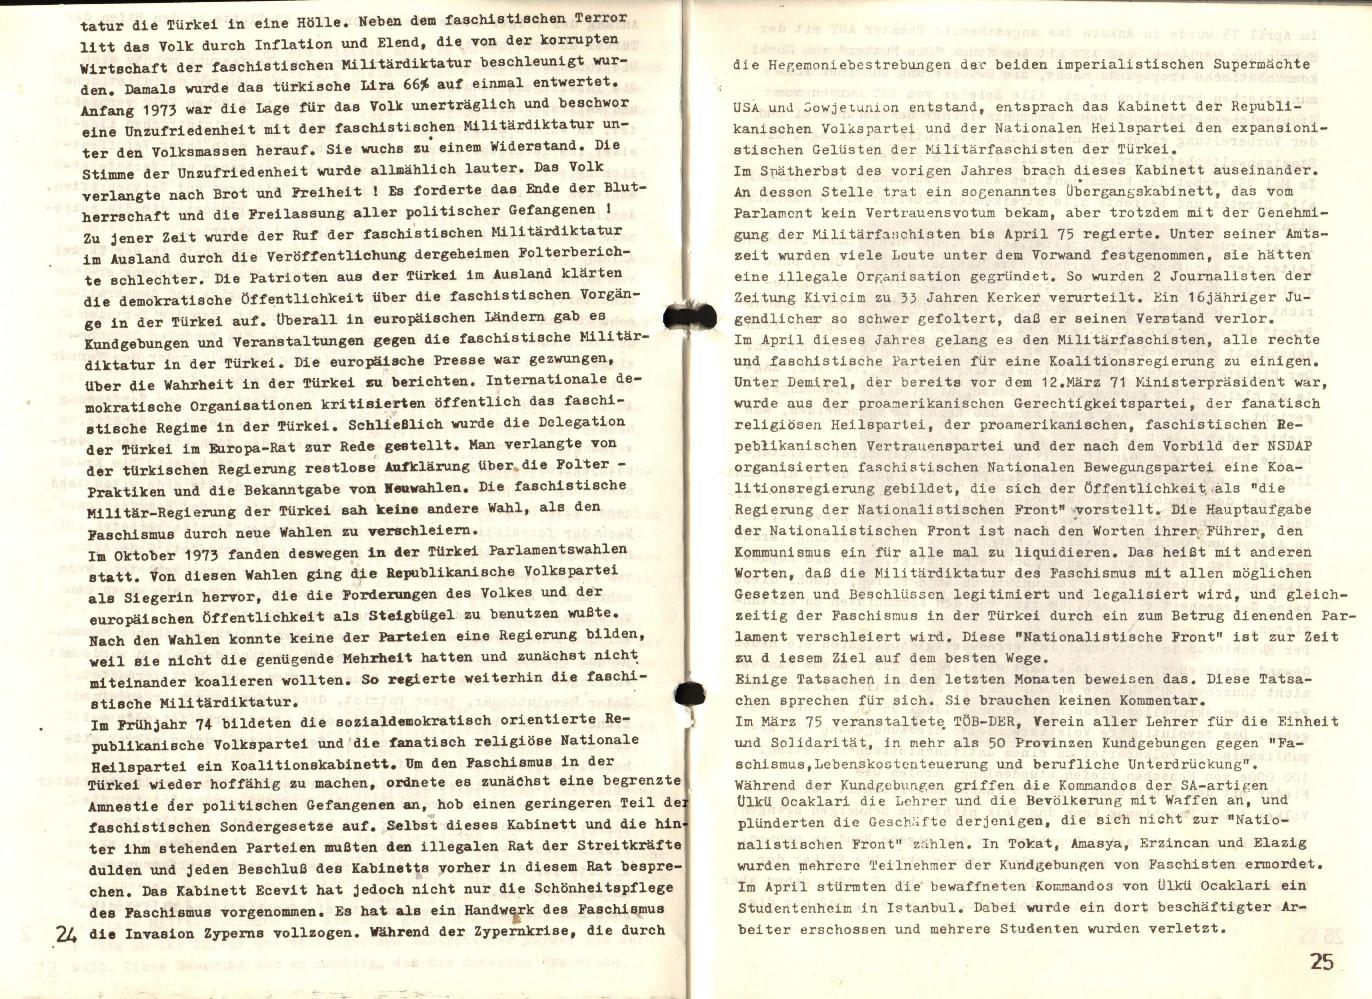 NRW_Rote_Hilfe_1975_Sofortige_Freilassung_der_tuerkischen_Patrioten_14